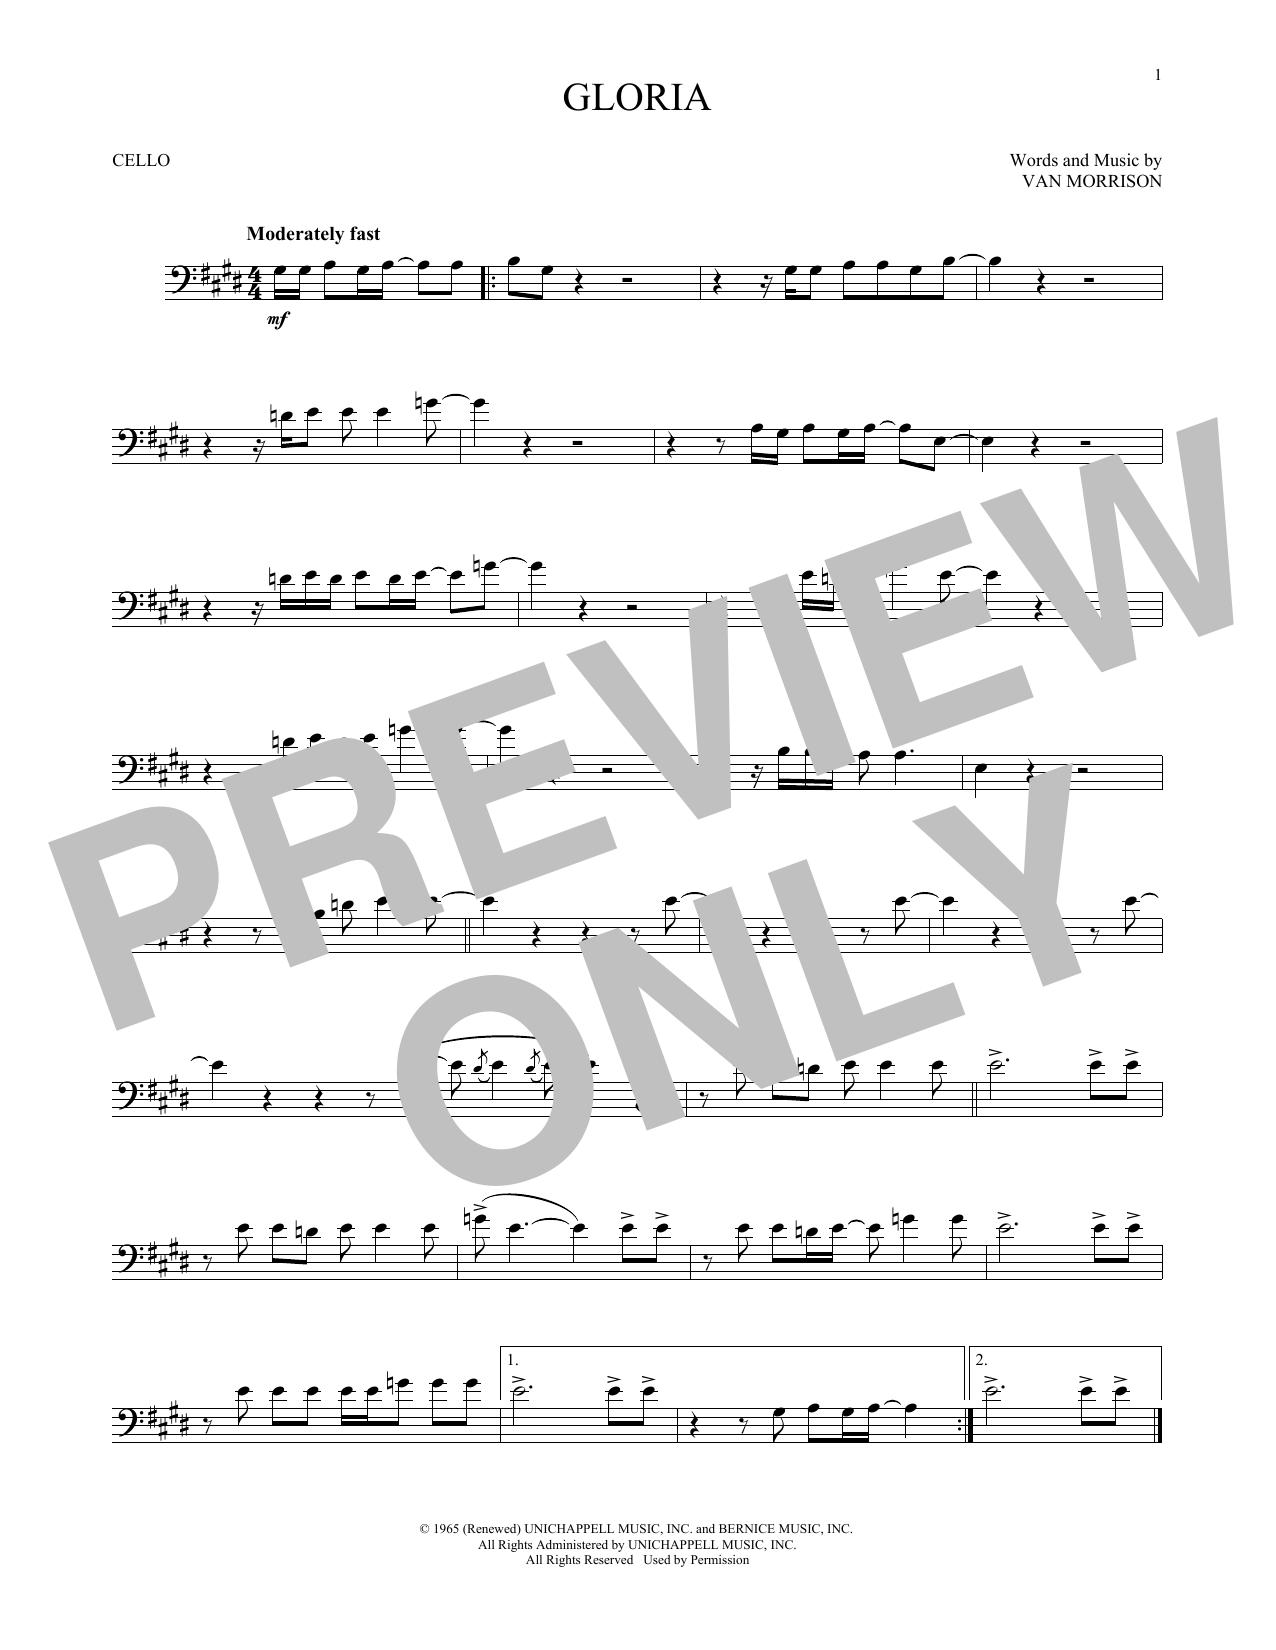 Gloria (Cello Solo)